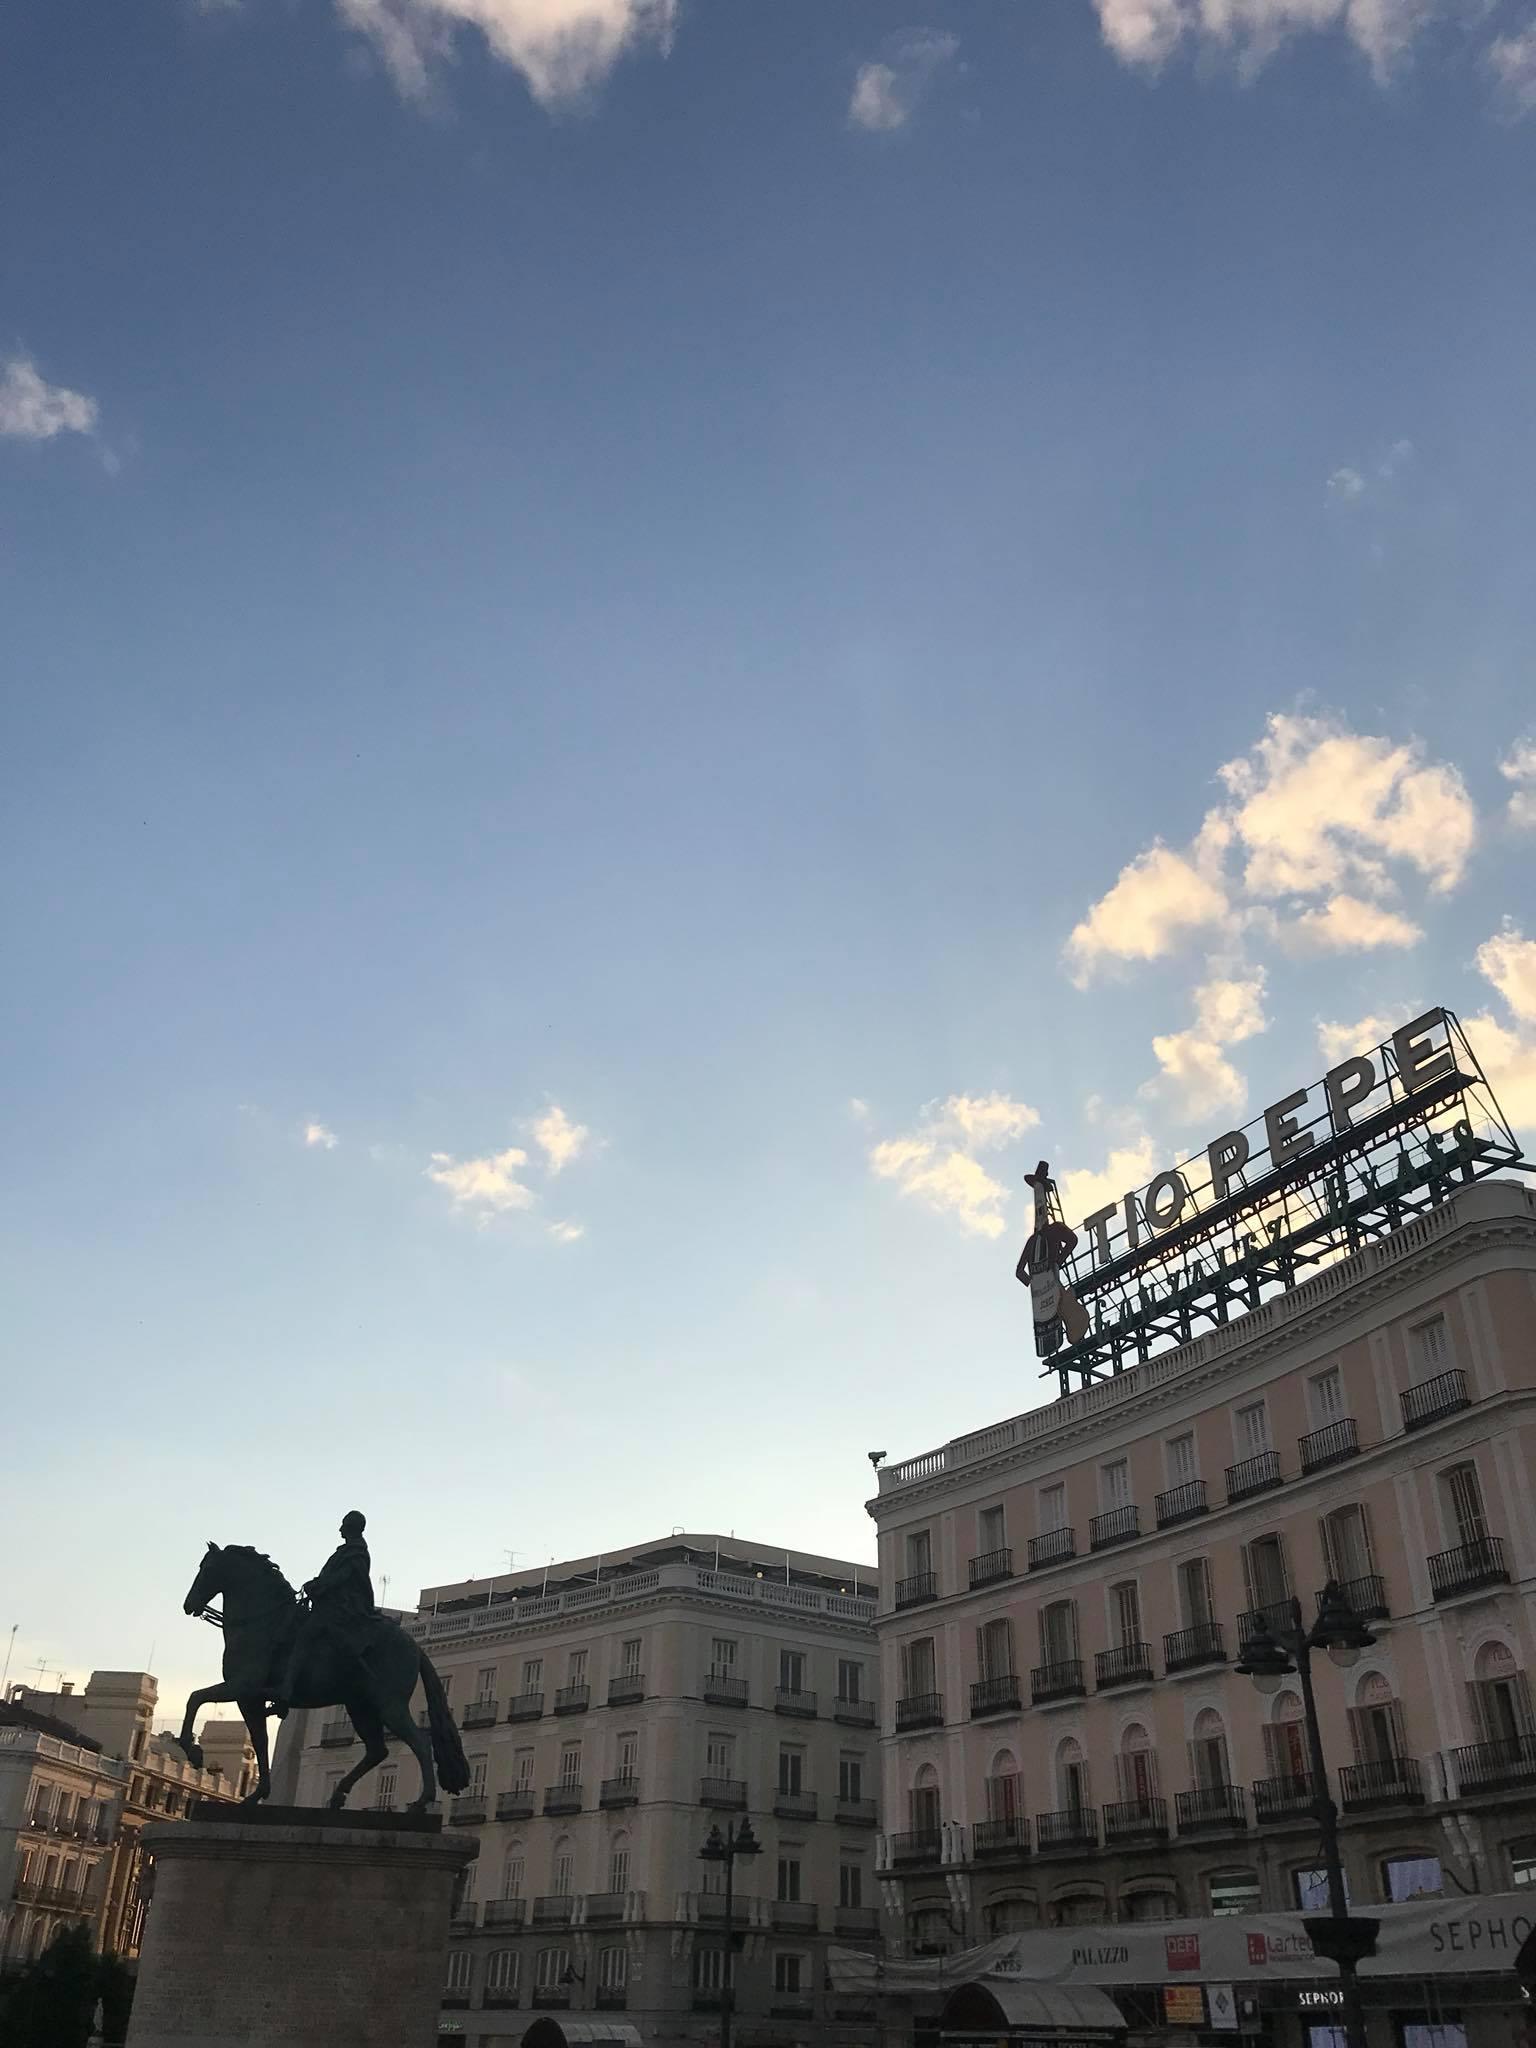 Puerta del Sol, Madrid at golden hour